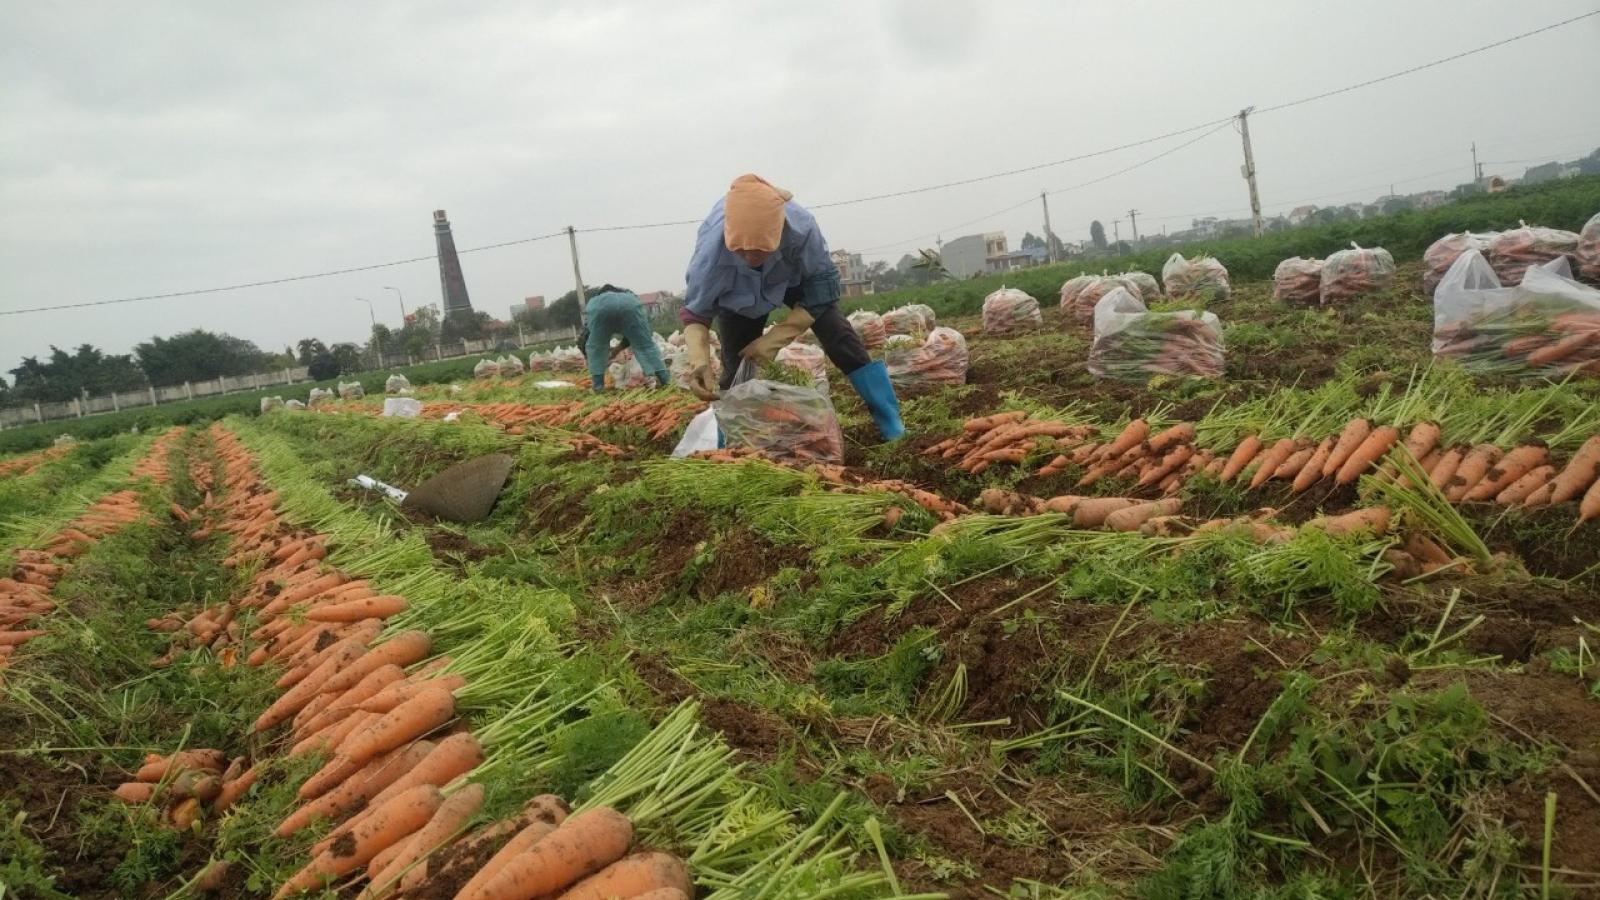 """Ảnh hưởng dịch Covid-19, nhiều mặt hàng nông sản đang cần """"giải cứu"""""""